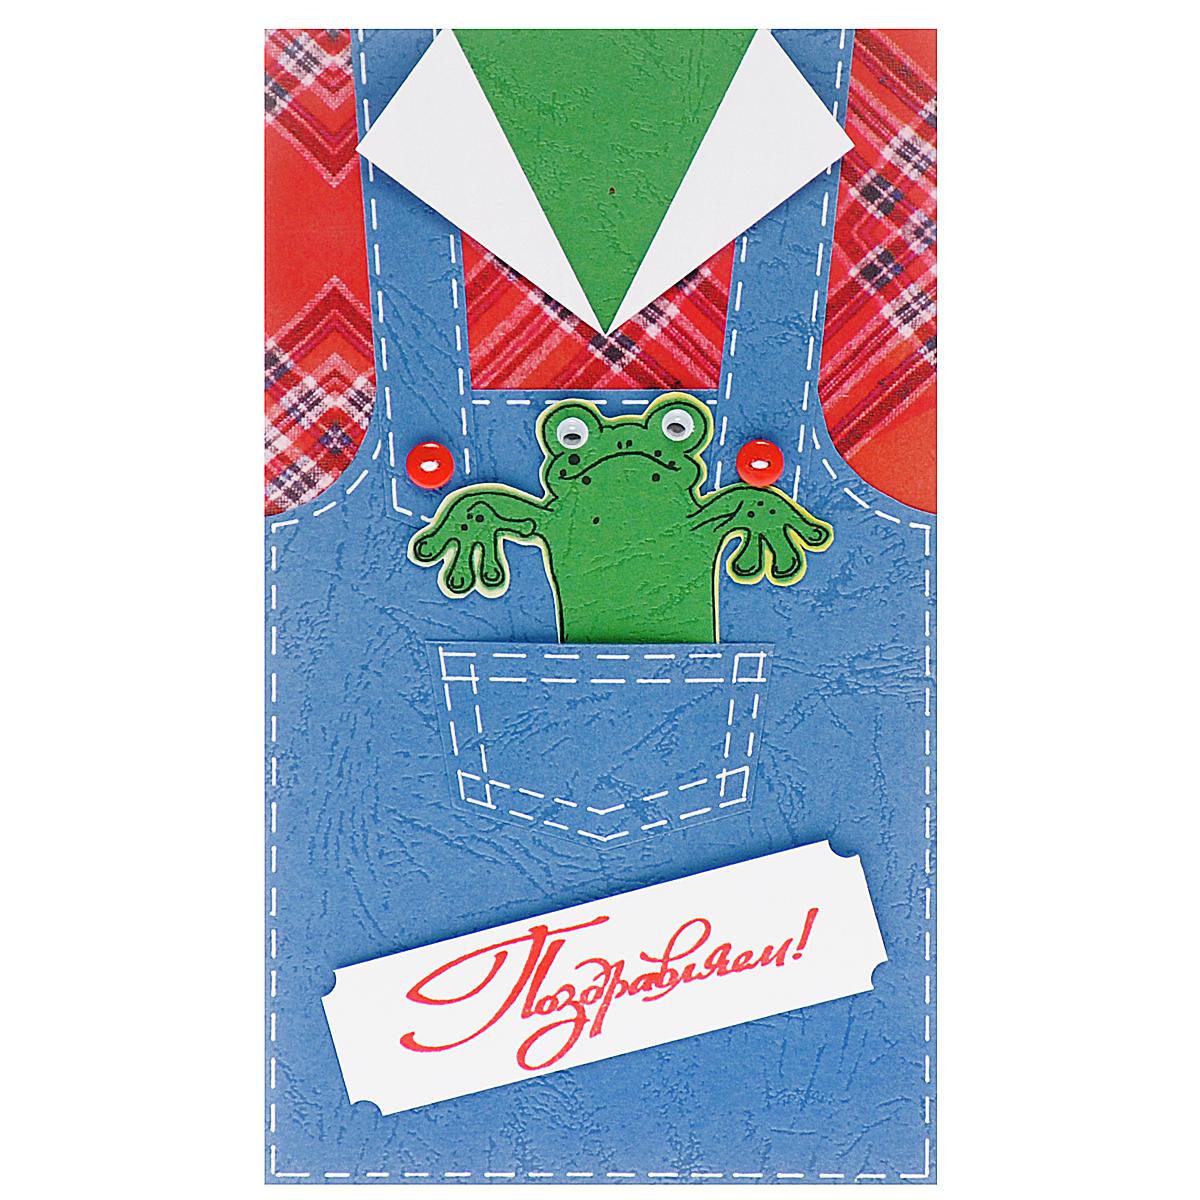 Открытка-конверт Поздравляем!. Студия Тетя Роза. ОД-0008ОД-0008Открытка выполнена из высокохудожественного картона, украшена аппликацией в виде лягушонка в кармане и двумя пуговицами. Может стать как прекрасным дополнением к вашему подарку, так и самостоятельным подарком, так как открытка одновременно является и конвертом, в который вы можете вложить ваш денежный подарок или подарочный сертификат, или же просто написать ваши пожелания на вкладыше.Открытки ручной работы от студии Тетя Роза отличаются своим неповторимым и ярким стилем. Каждая уникальна и выполнена вручную мастерами студии. Открытка упакована в пакетик для сохранности. Обращаем ваше внимание на то, что открытка может незначительно отличаться от представленной на фото.